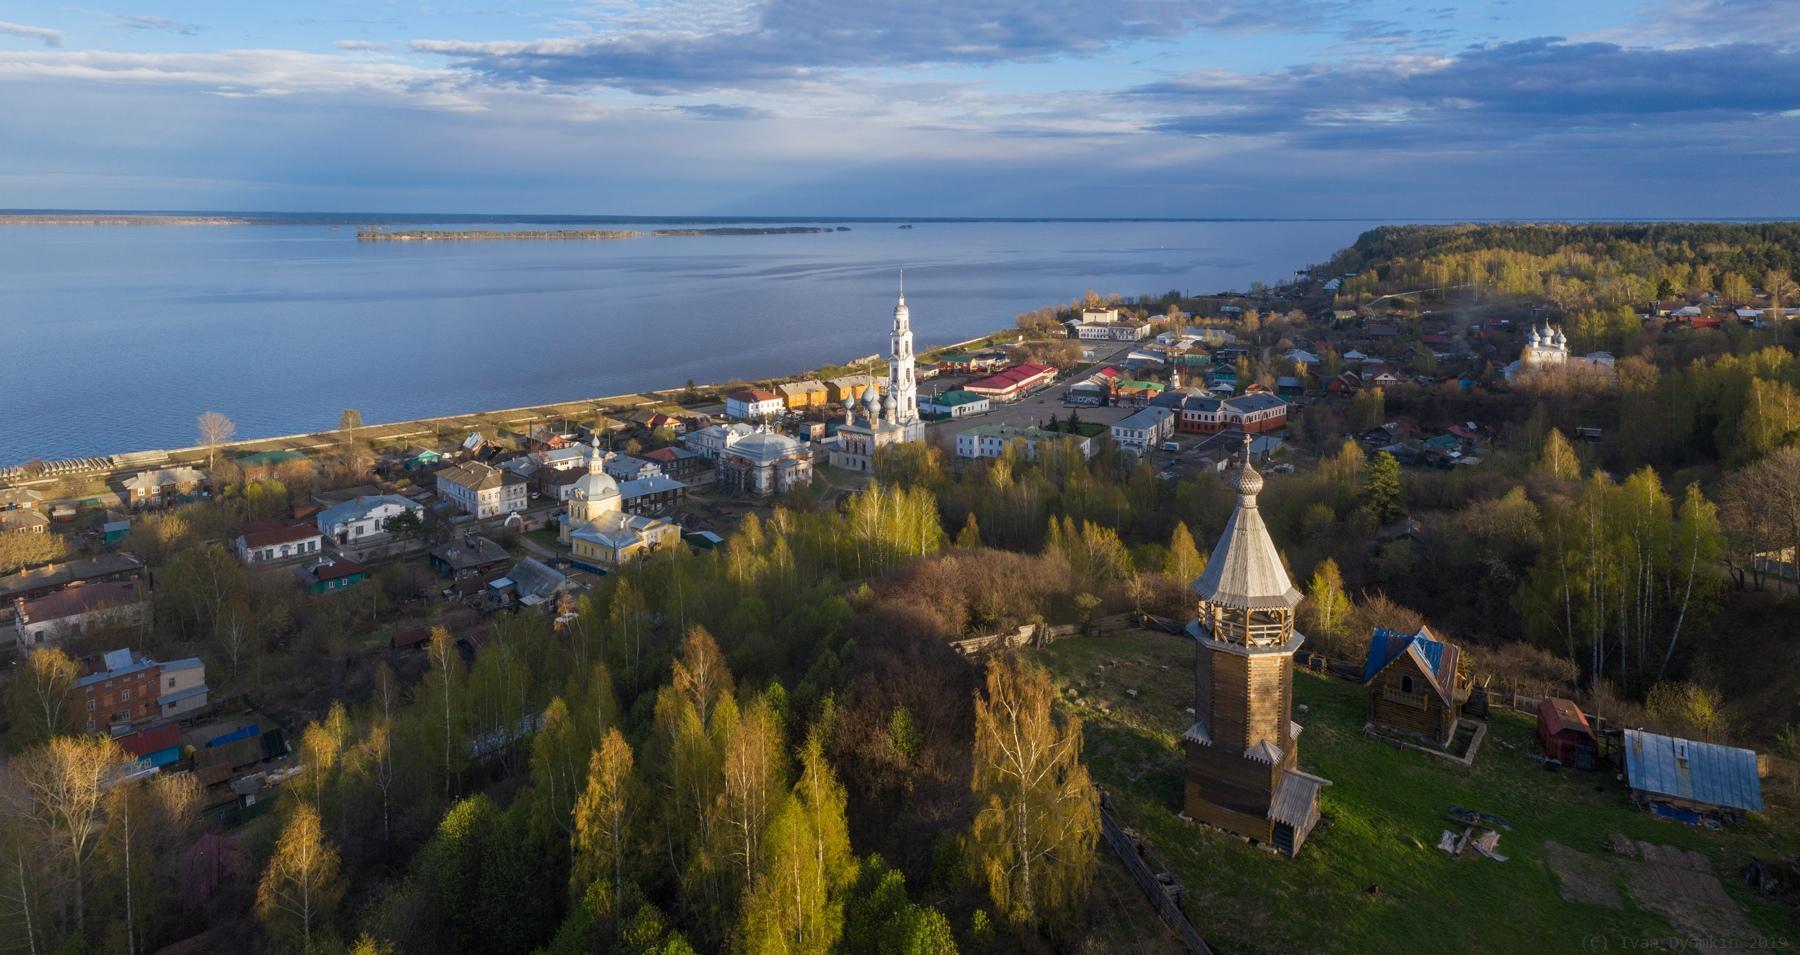 Вид на город Юрьевец с высоты птичьего полета